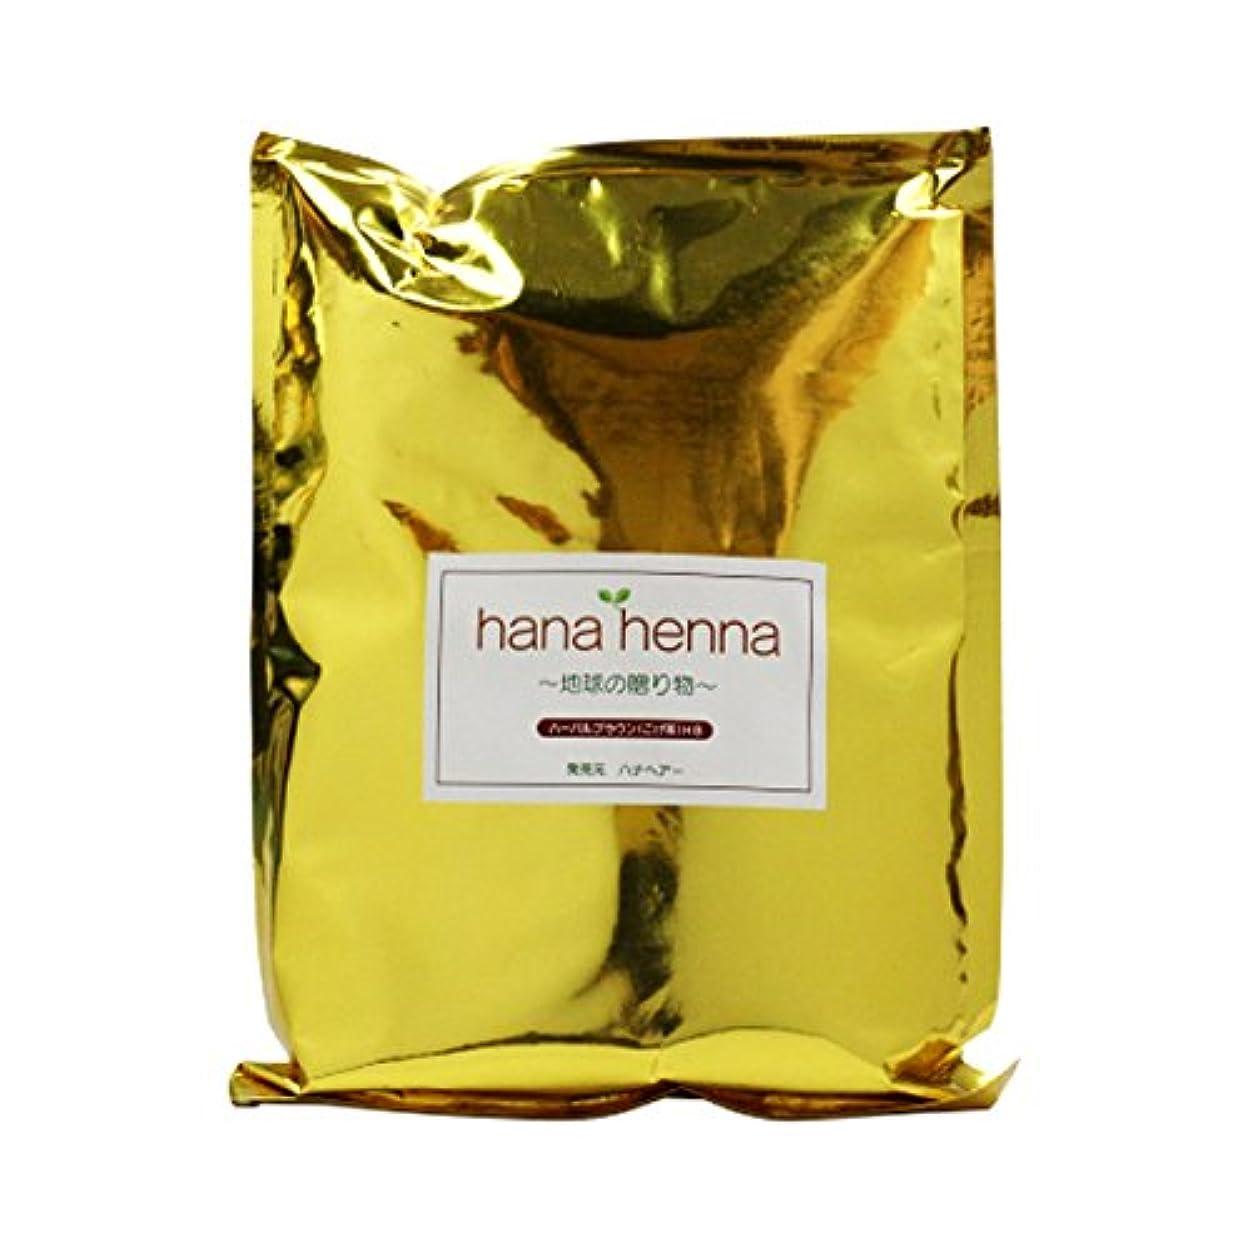 hanahenna ハーバルブラウン HB(こげ茶) 500g